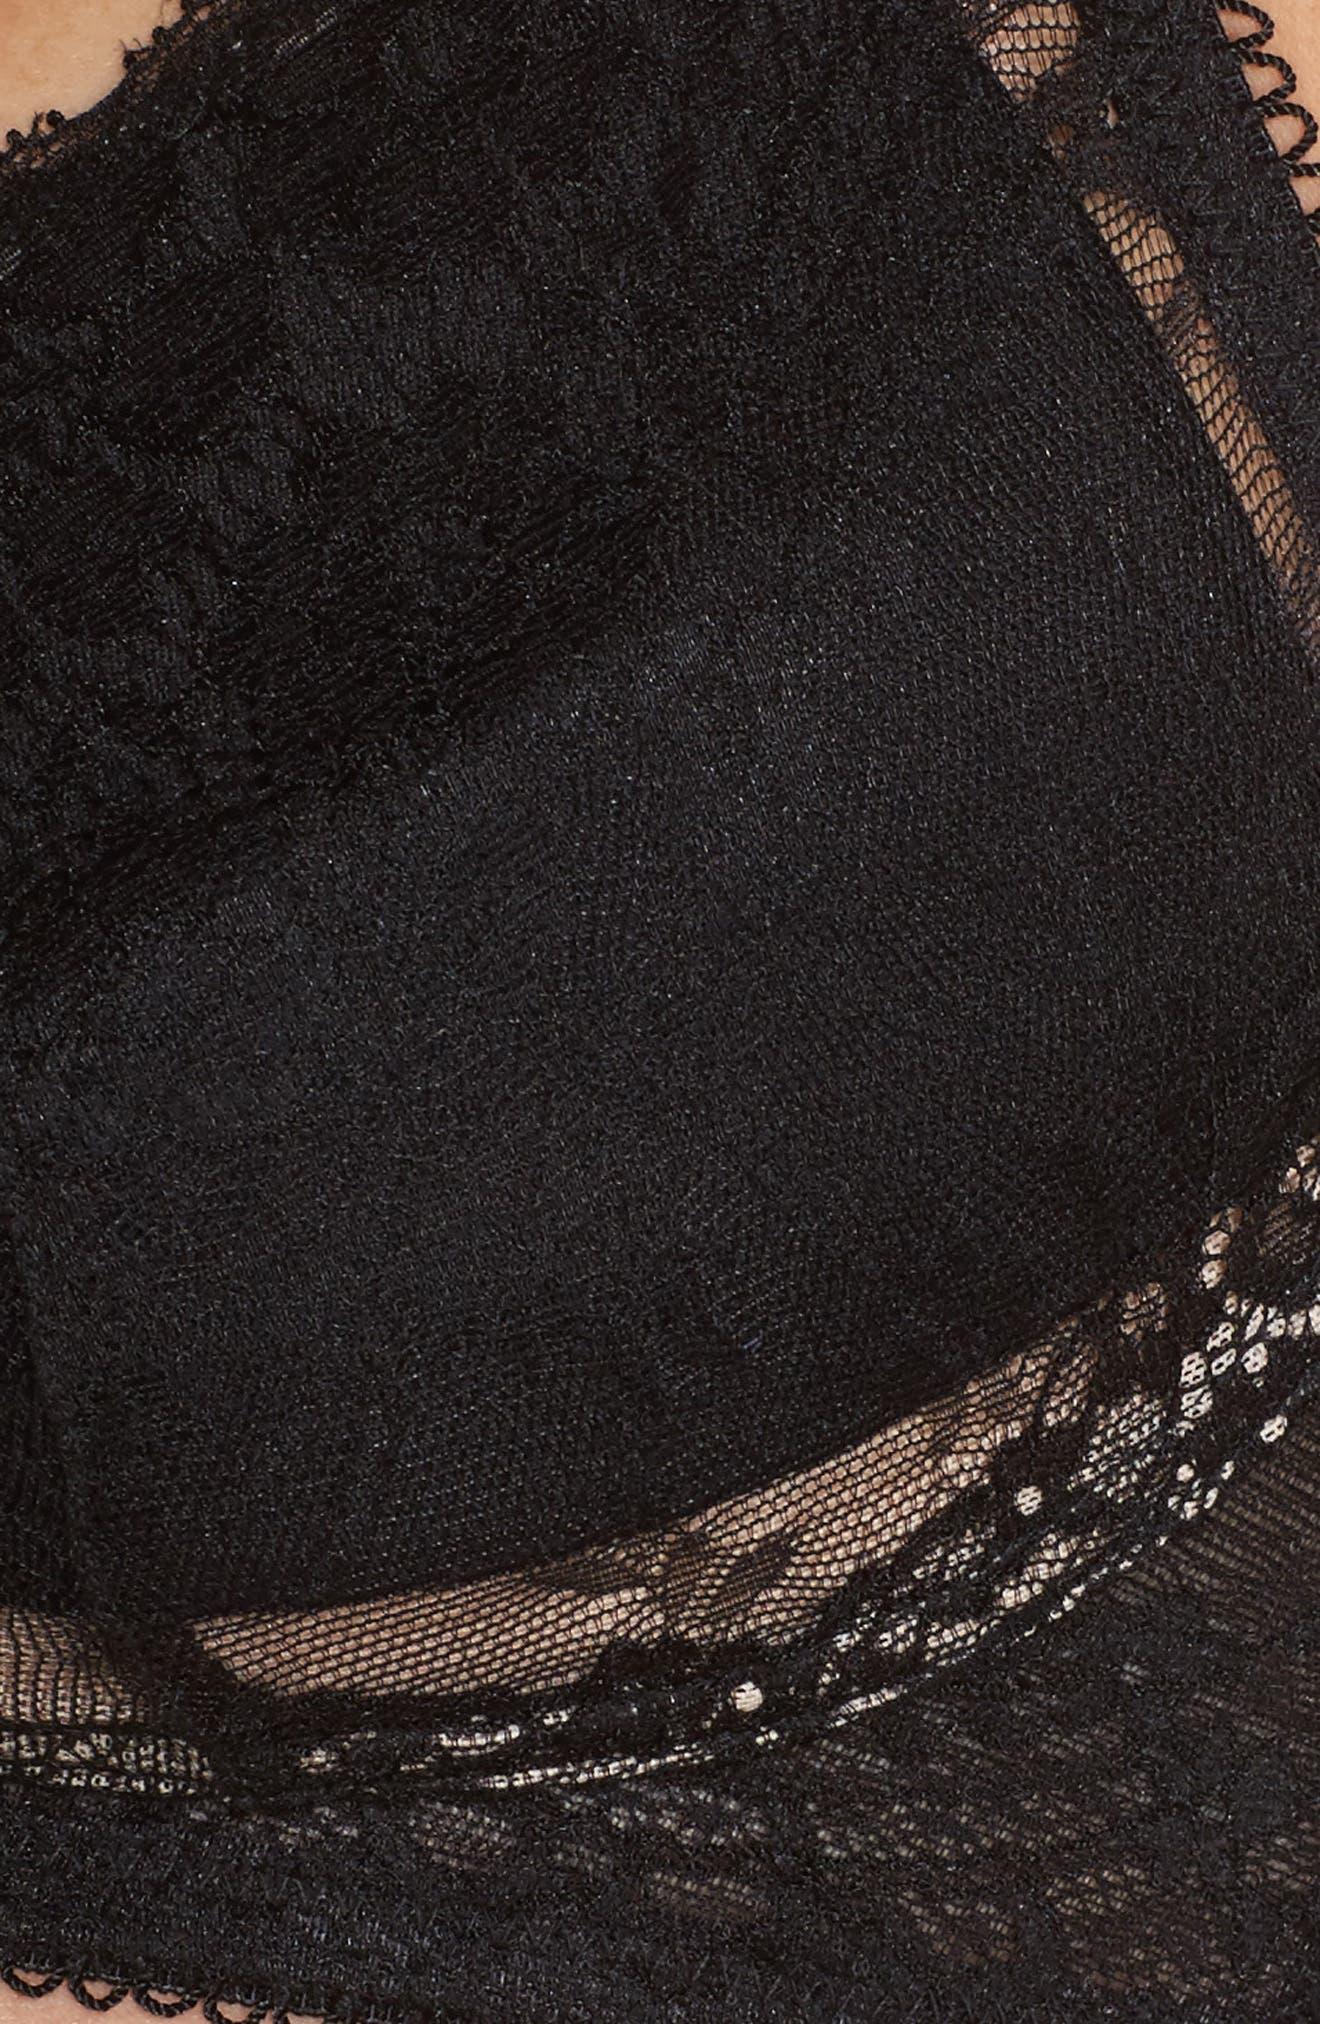 Lace Bralette,                             Alternate thumbnail 6, color,                             BLACK